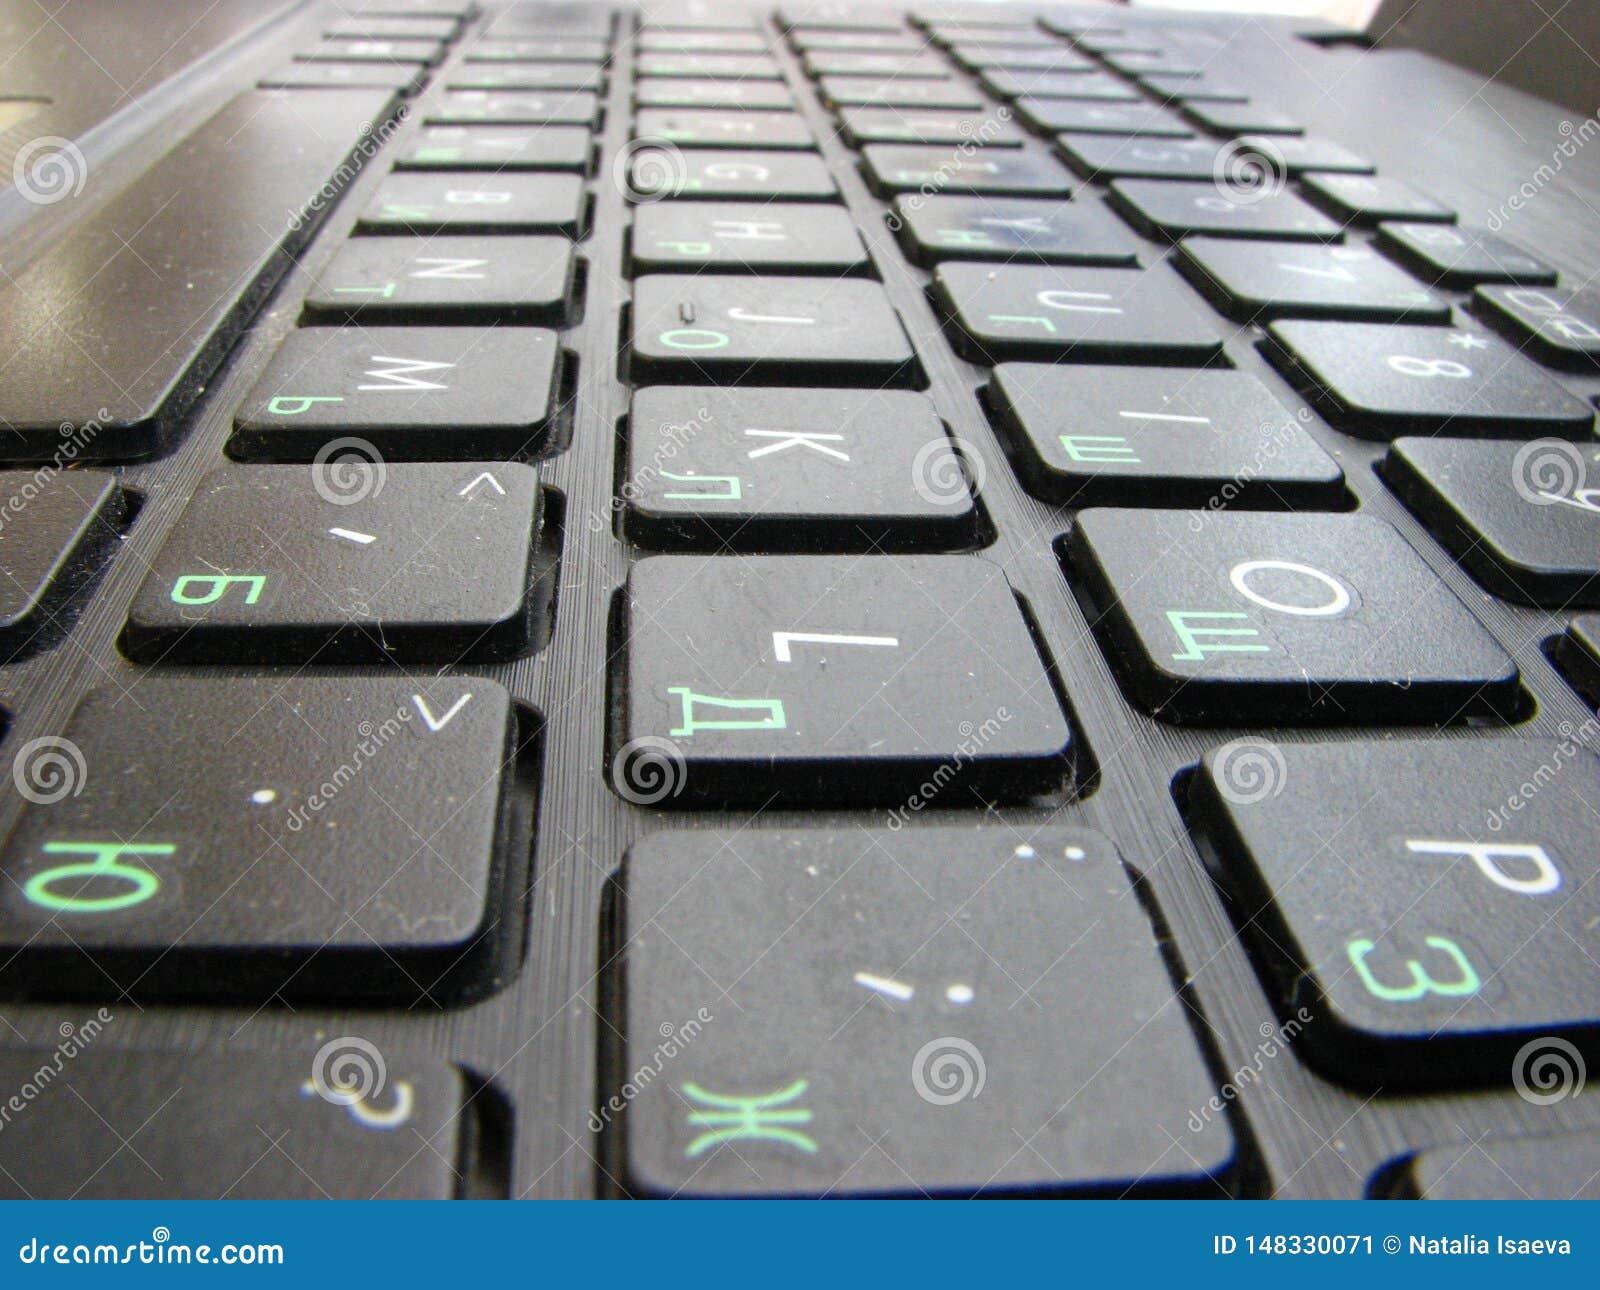 Schwarze Tastaturkn?pfe auf einem Laptop